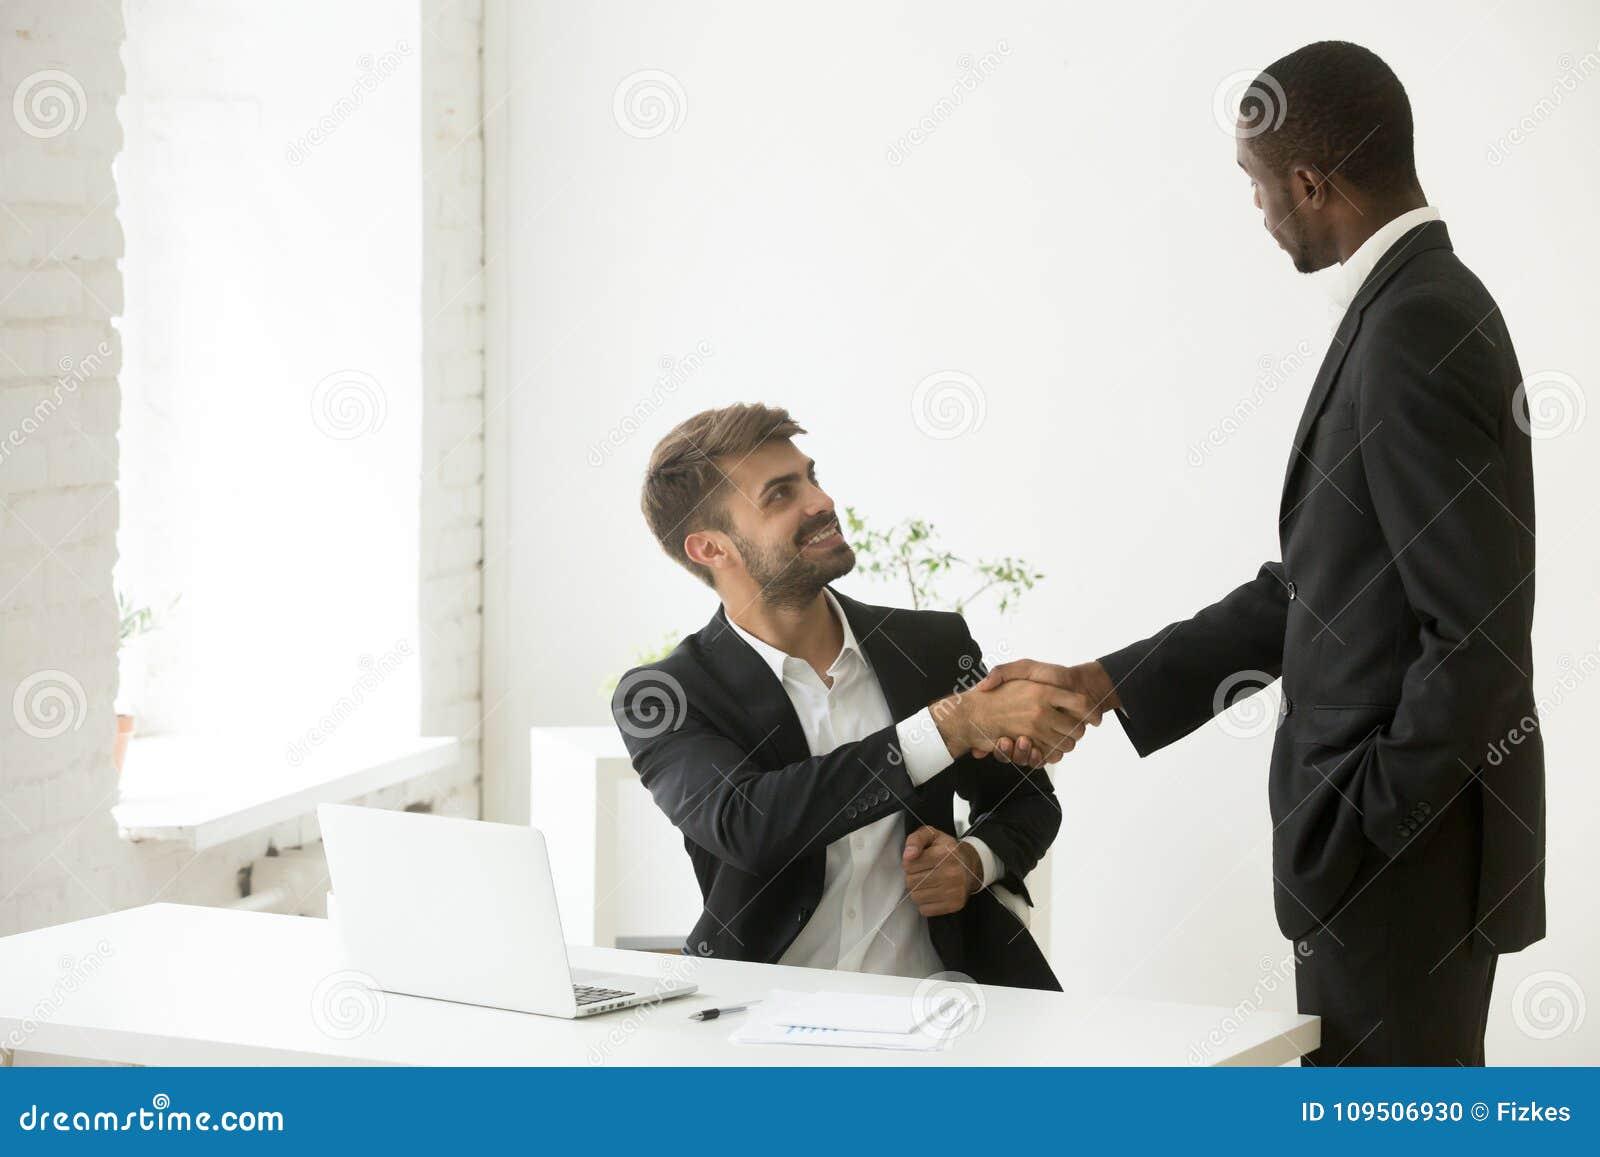 Afrikaans-Amerikaanse werkgever die Kaukasische werknemer met pro gelukwensen